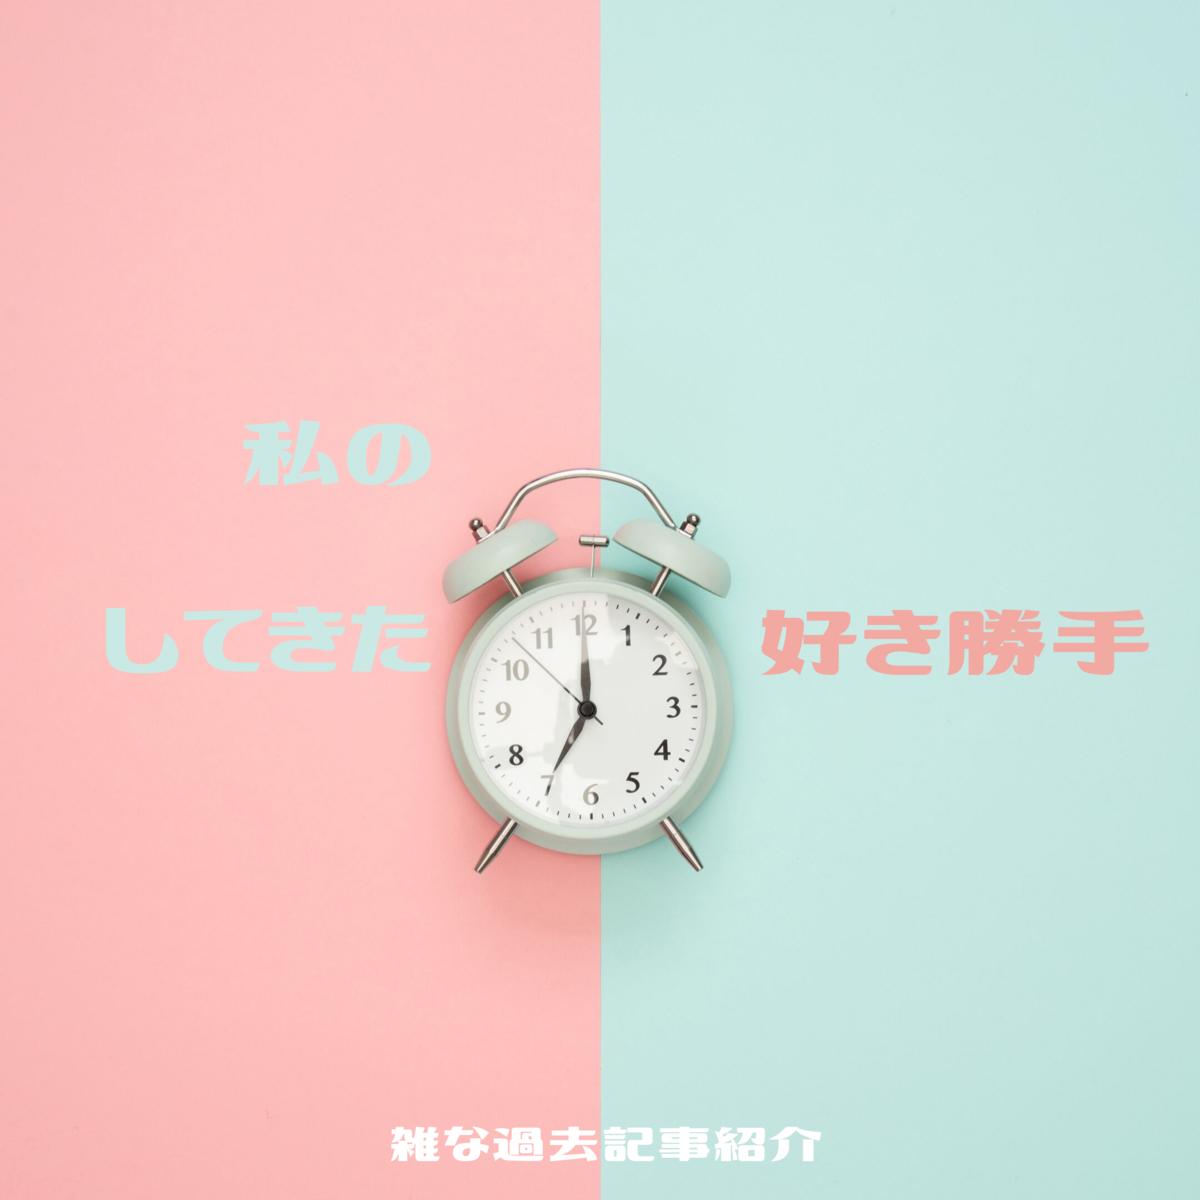 f:id:tsukino25:20190912184536p:plain